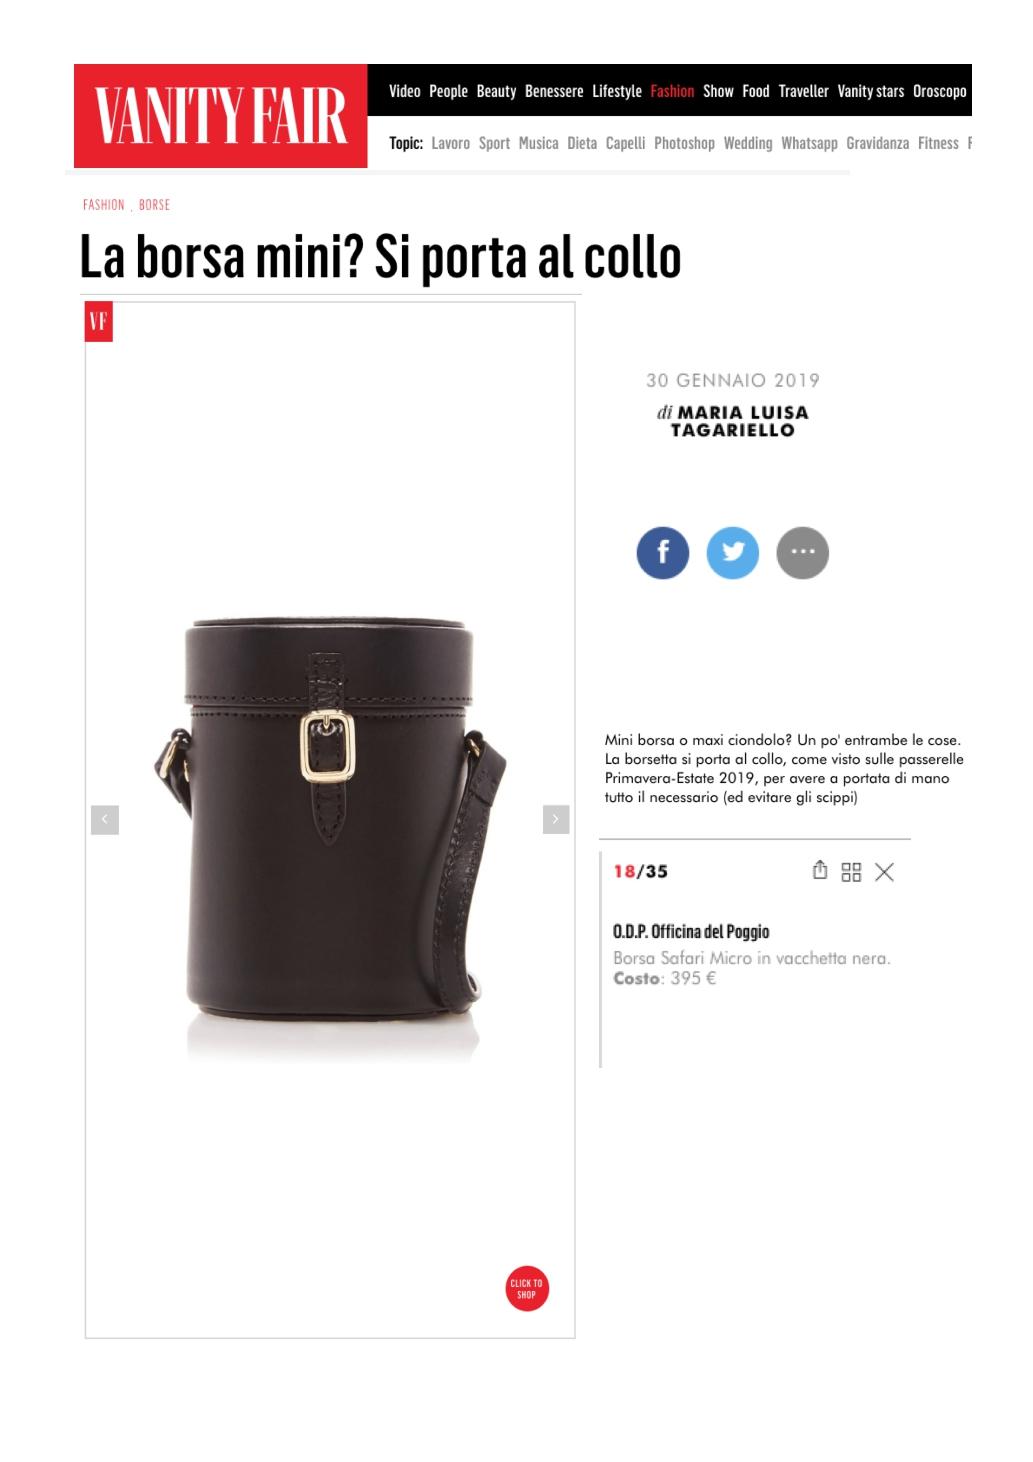 ODP_OfficinadelPoggio_MicroSafari